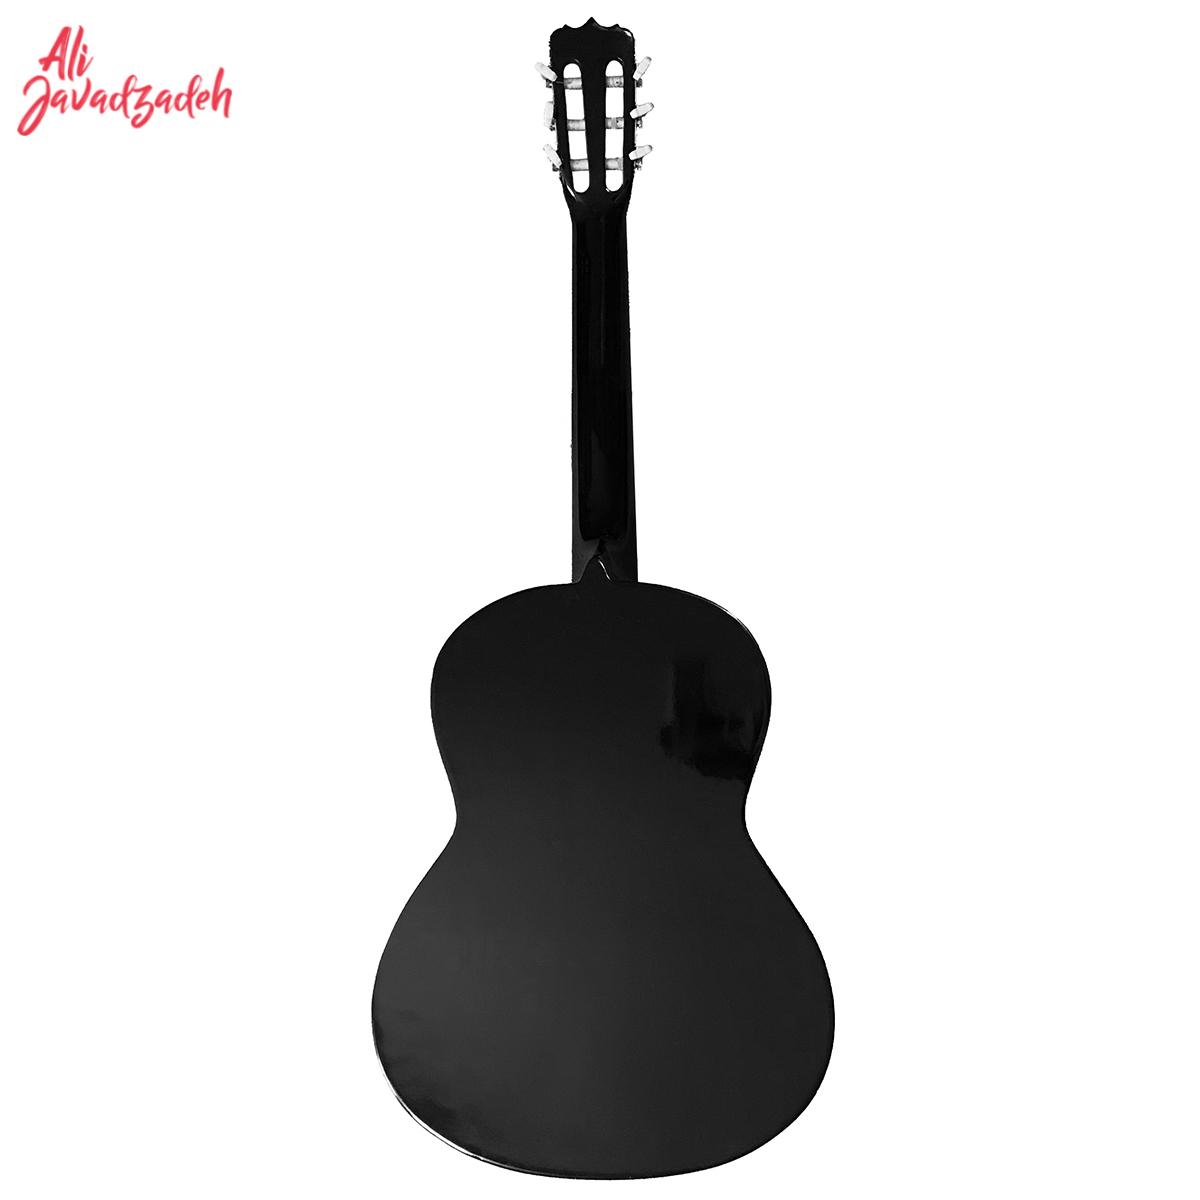 گیتار کلاسیک علی جوادزاده مدل 1C-19